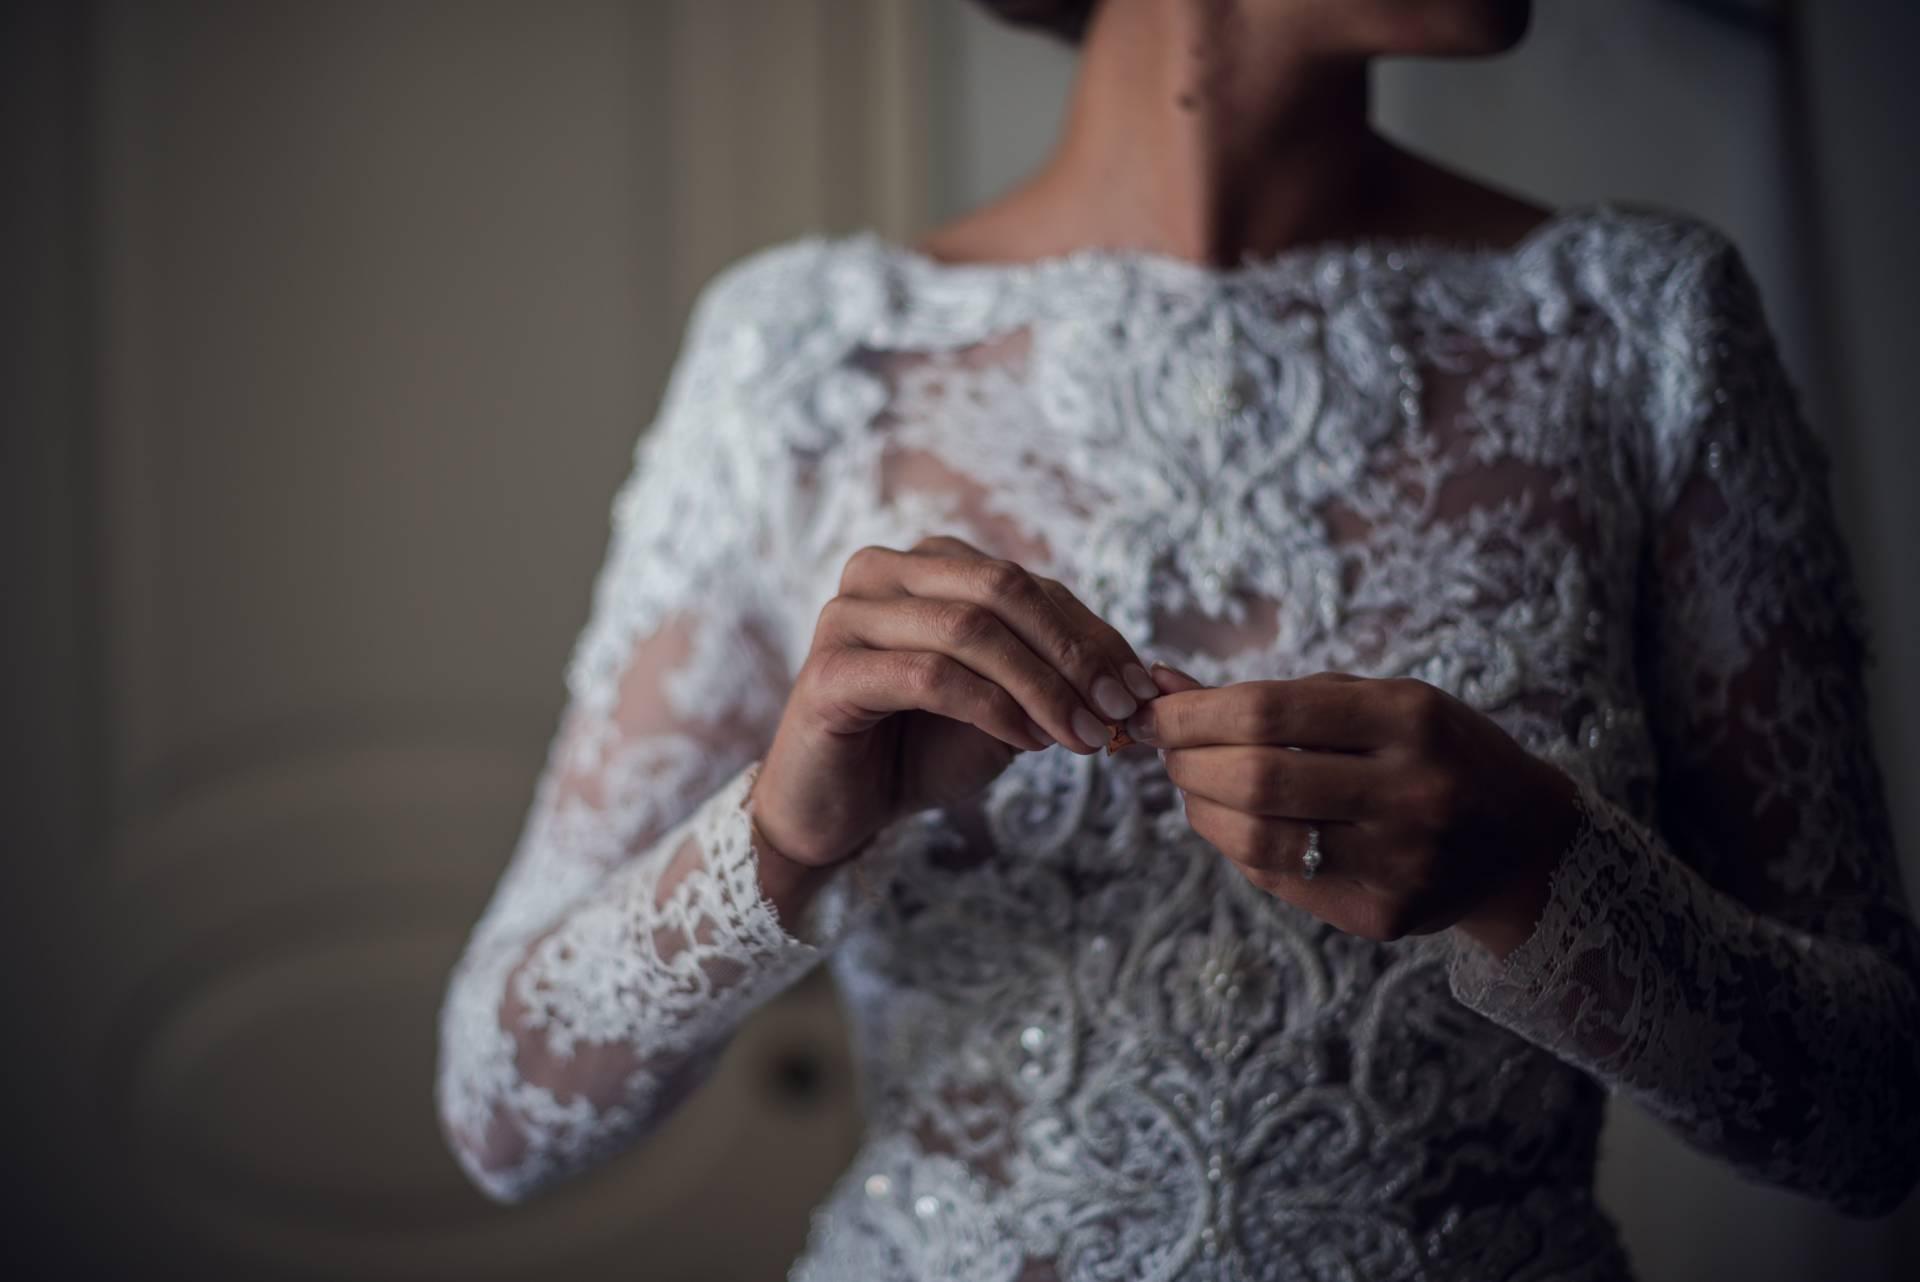 la marié s'apprête à mettre ses boucles d'oreilles, photo prise par Florence Martin photographe professionnelle dans le Var et les Alpes Maritimes